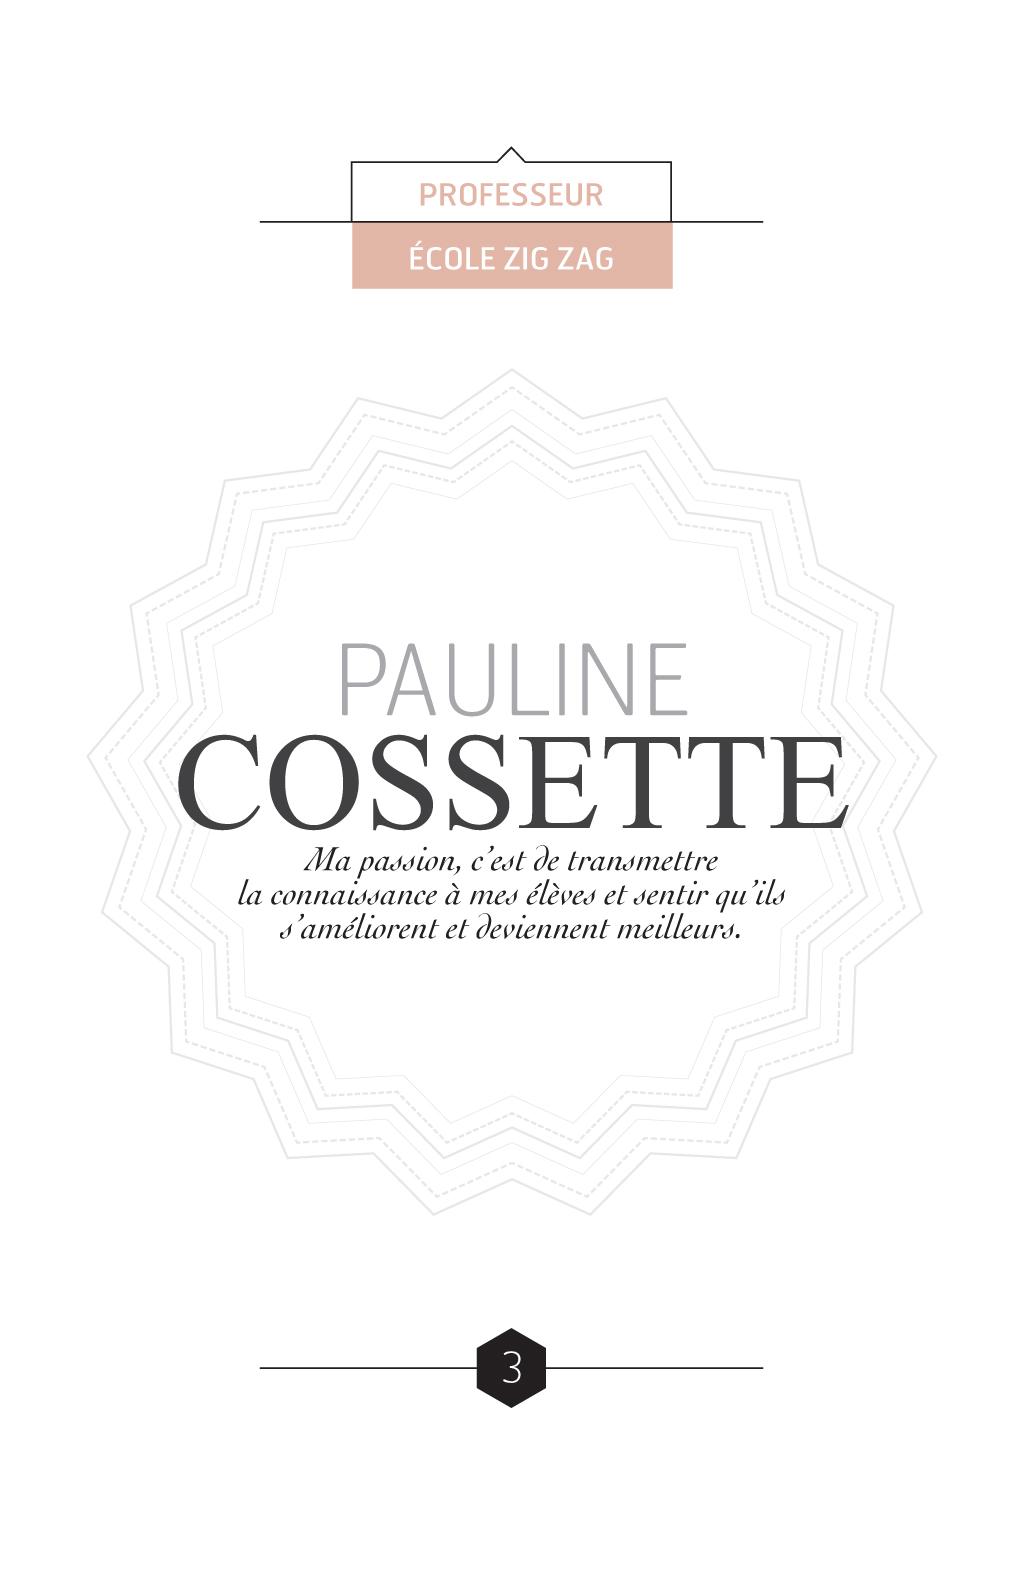 Reportage sur les métiers de la couture à Montréal :: Le fil d'Ariane # 3 :: Pauline Cossette, École de coupe et couture